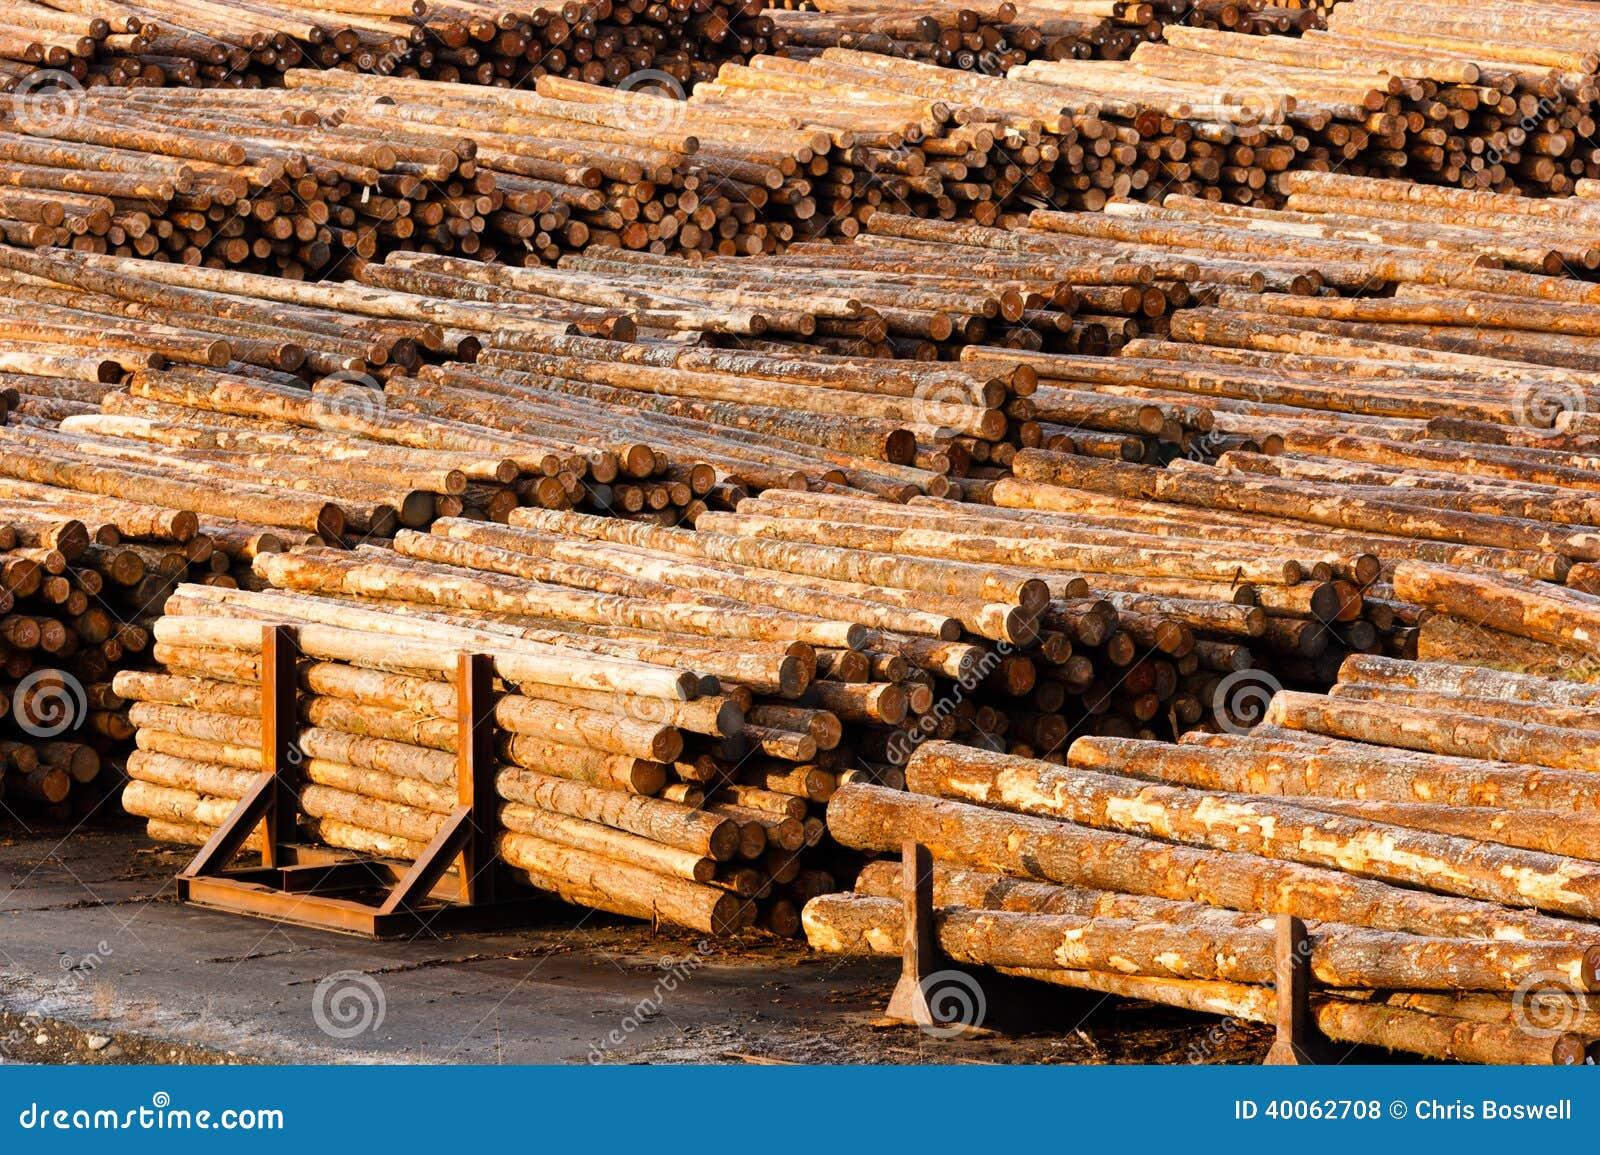 Inredning mät runda : Journalen Avslutar Det Wood SÃ¥gverket För Stammar För Trädet För ...